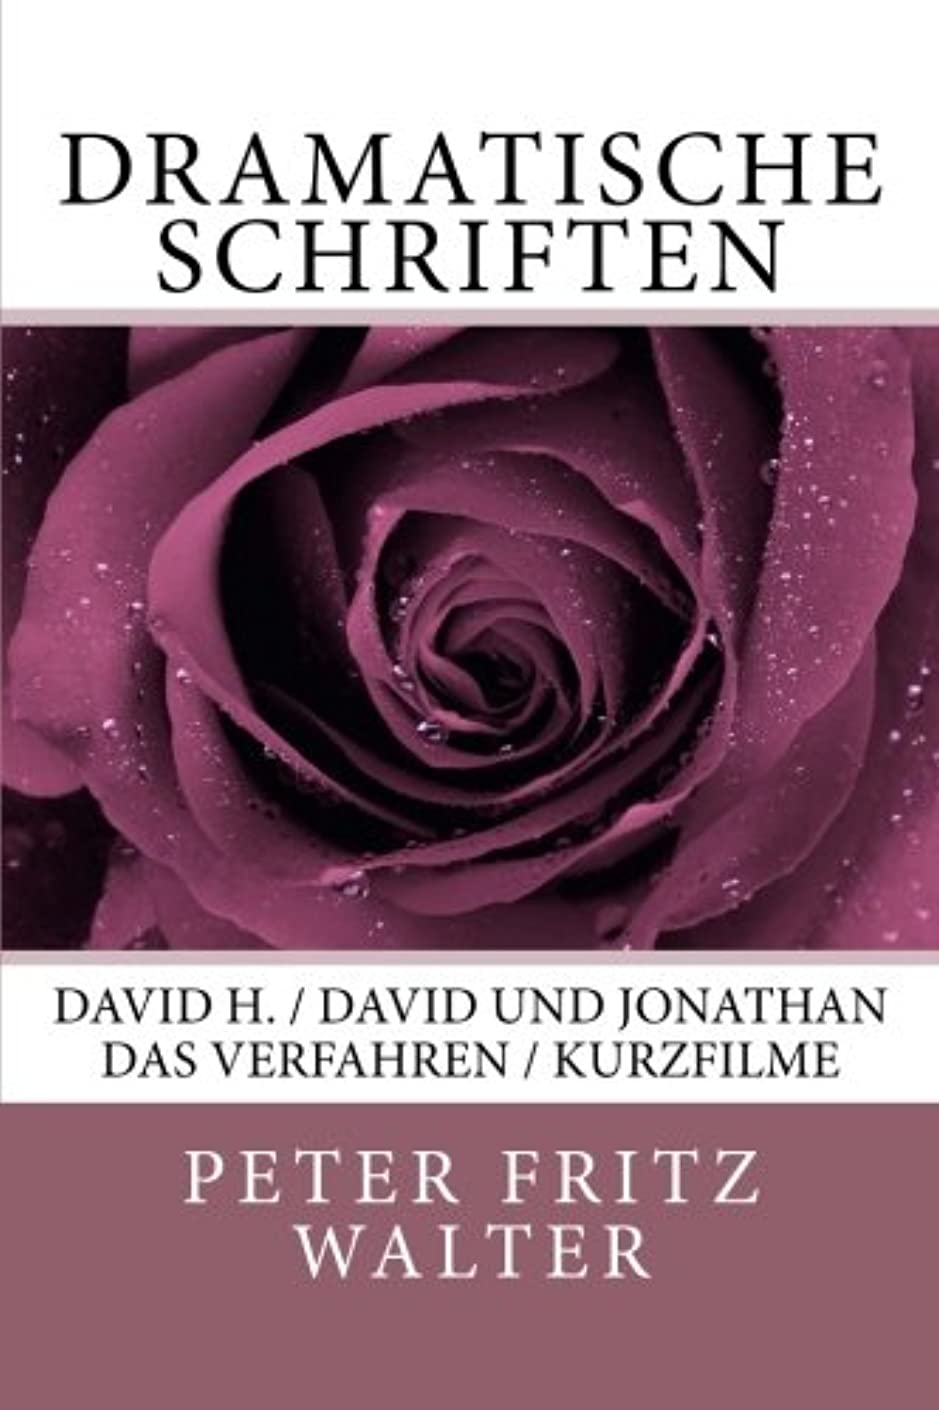 義務的水銀のモルヒネDramatische Schriften: David H. / David und Jonathan / Das Verfahren / Kurzfilme (Deutsche Schriften)